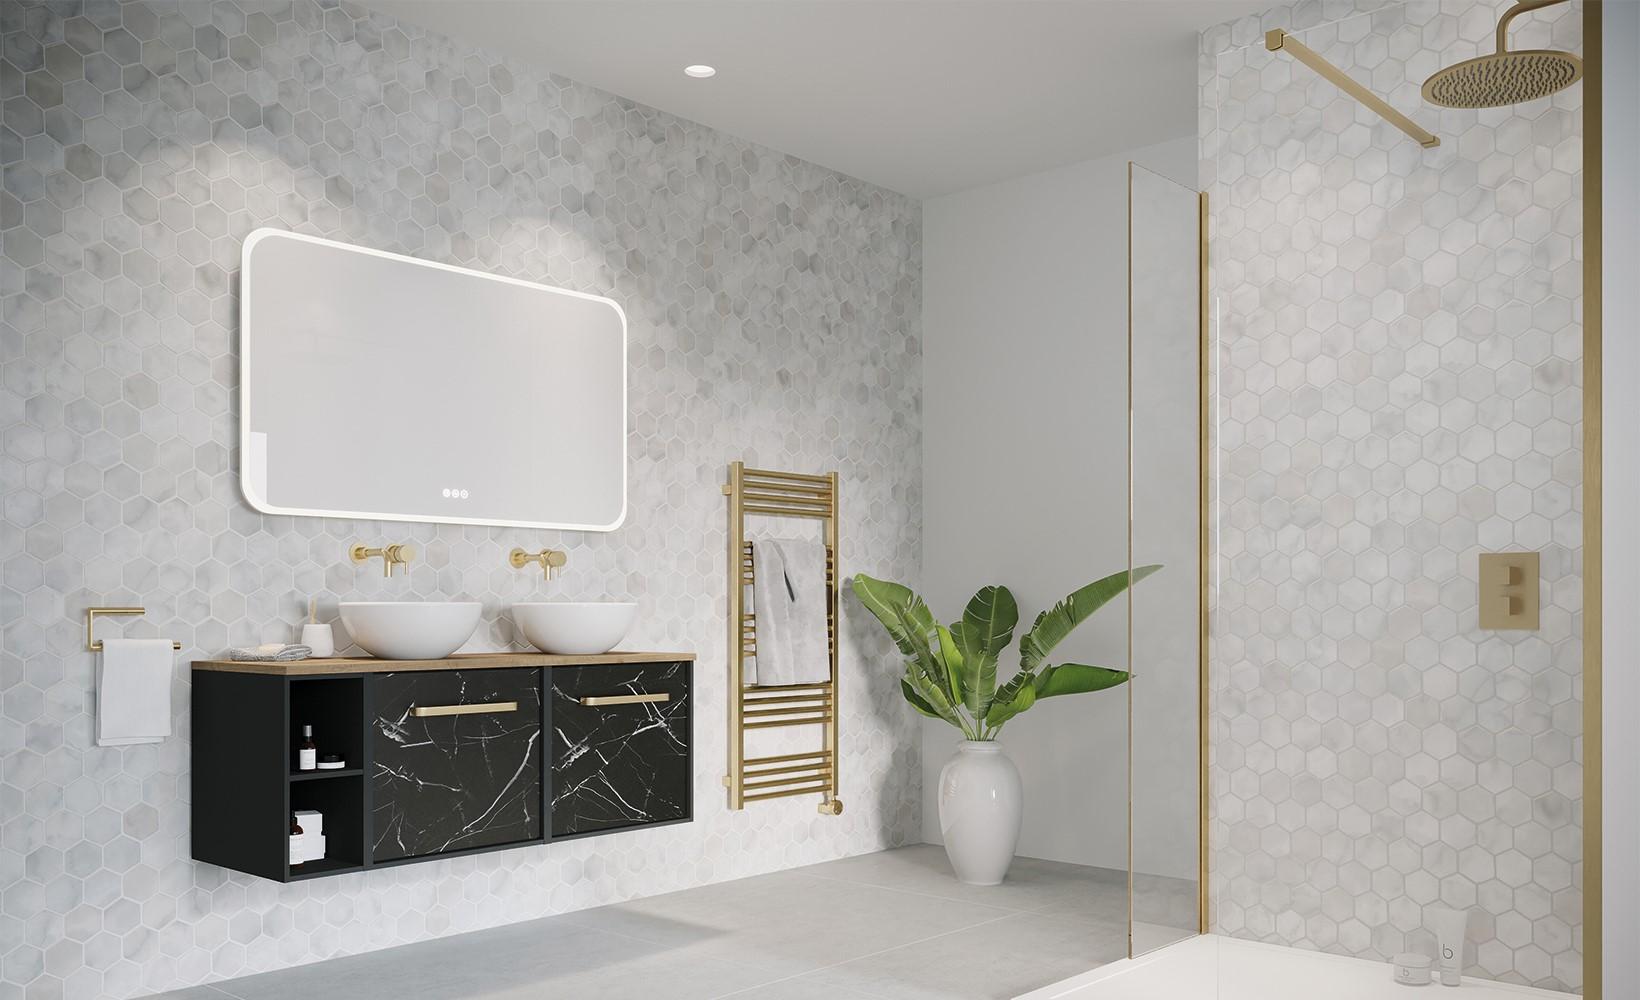 Luxury Hotel Bathroom Taps